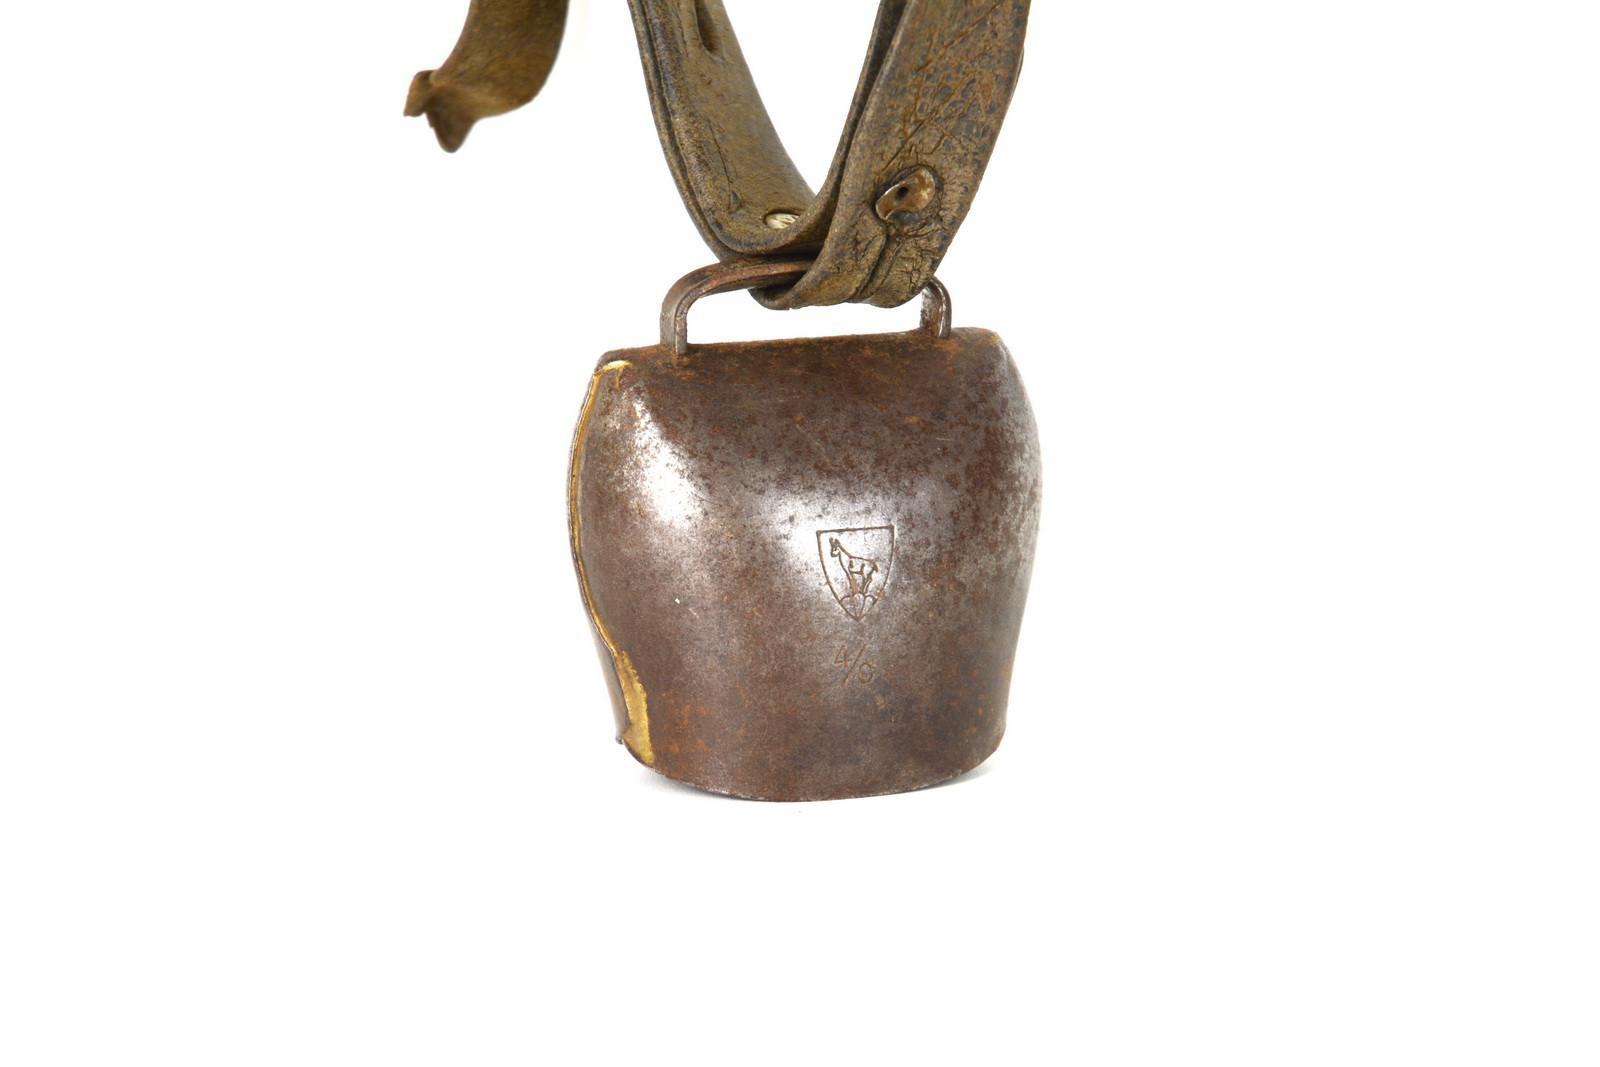 Raccolta Ferro Vecchio Catania campanaccio vecchio con cinghia, metallo, oggetti rurali